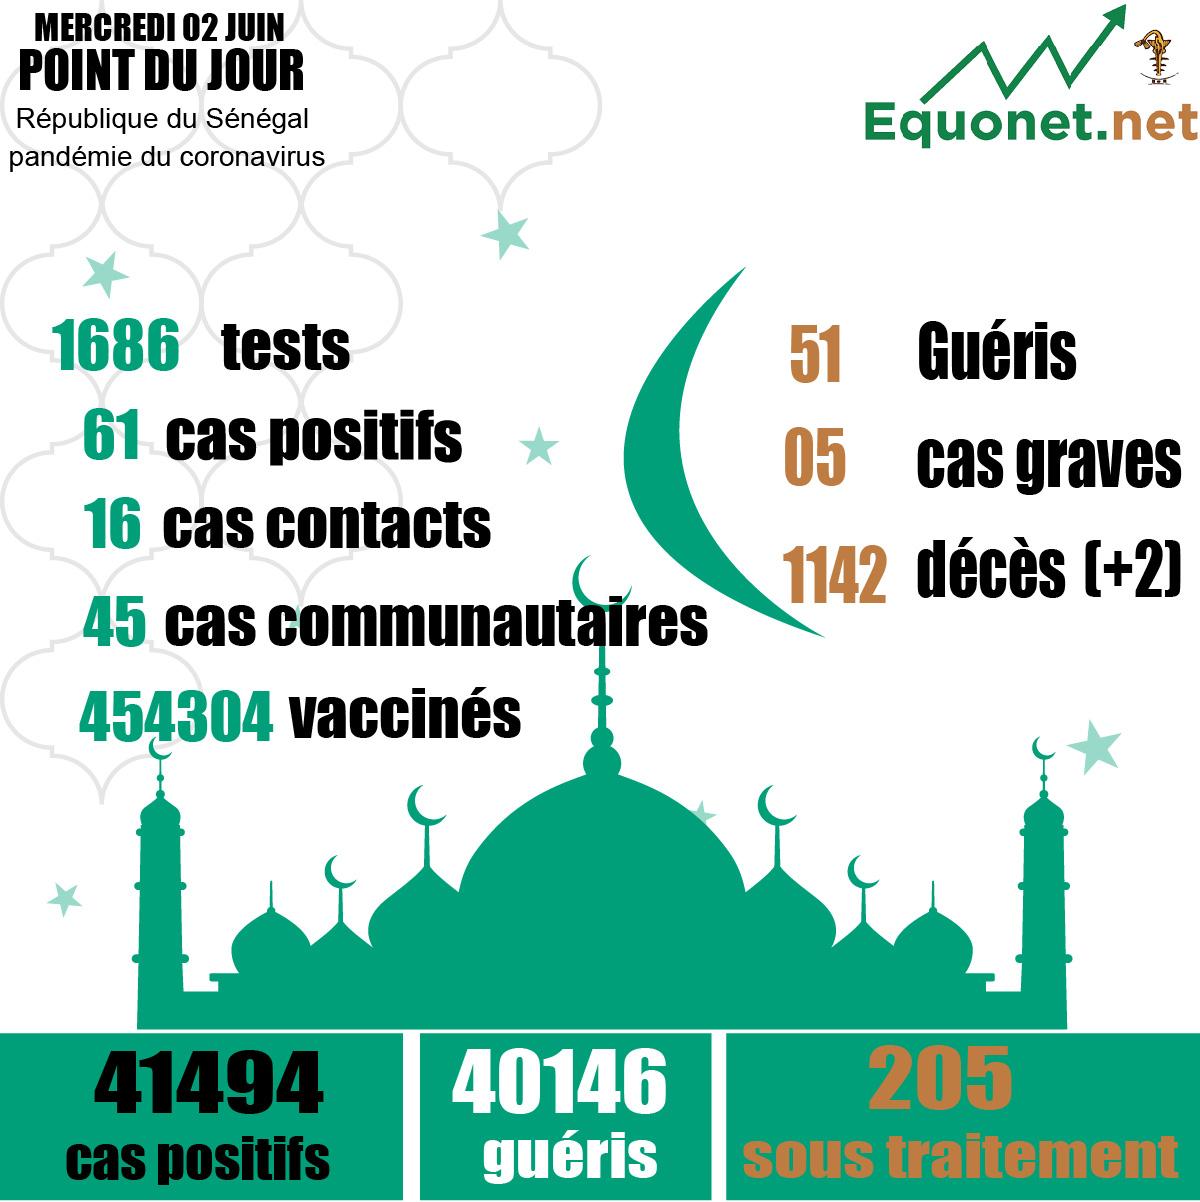 pandémie du coronavirus-covid-19 au sénégal : 45 cas communautaires et 02 décès enregistrés ce mercredi 02 juin 2021